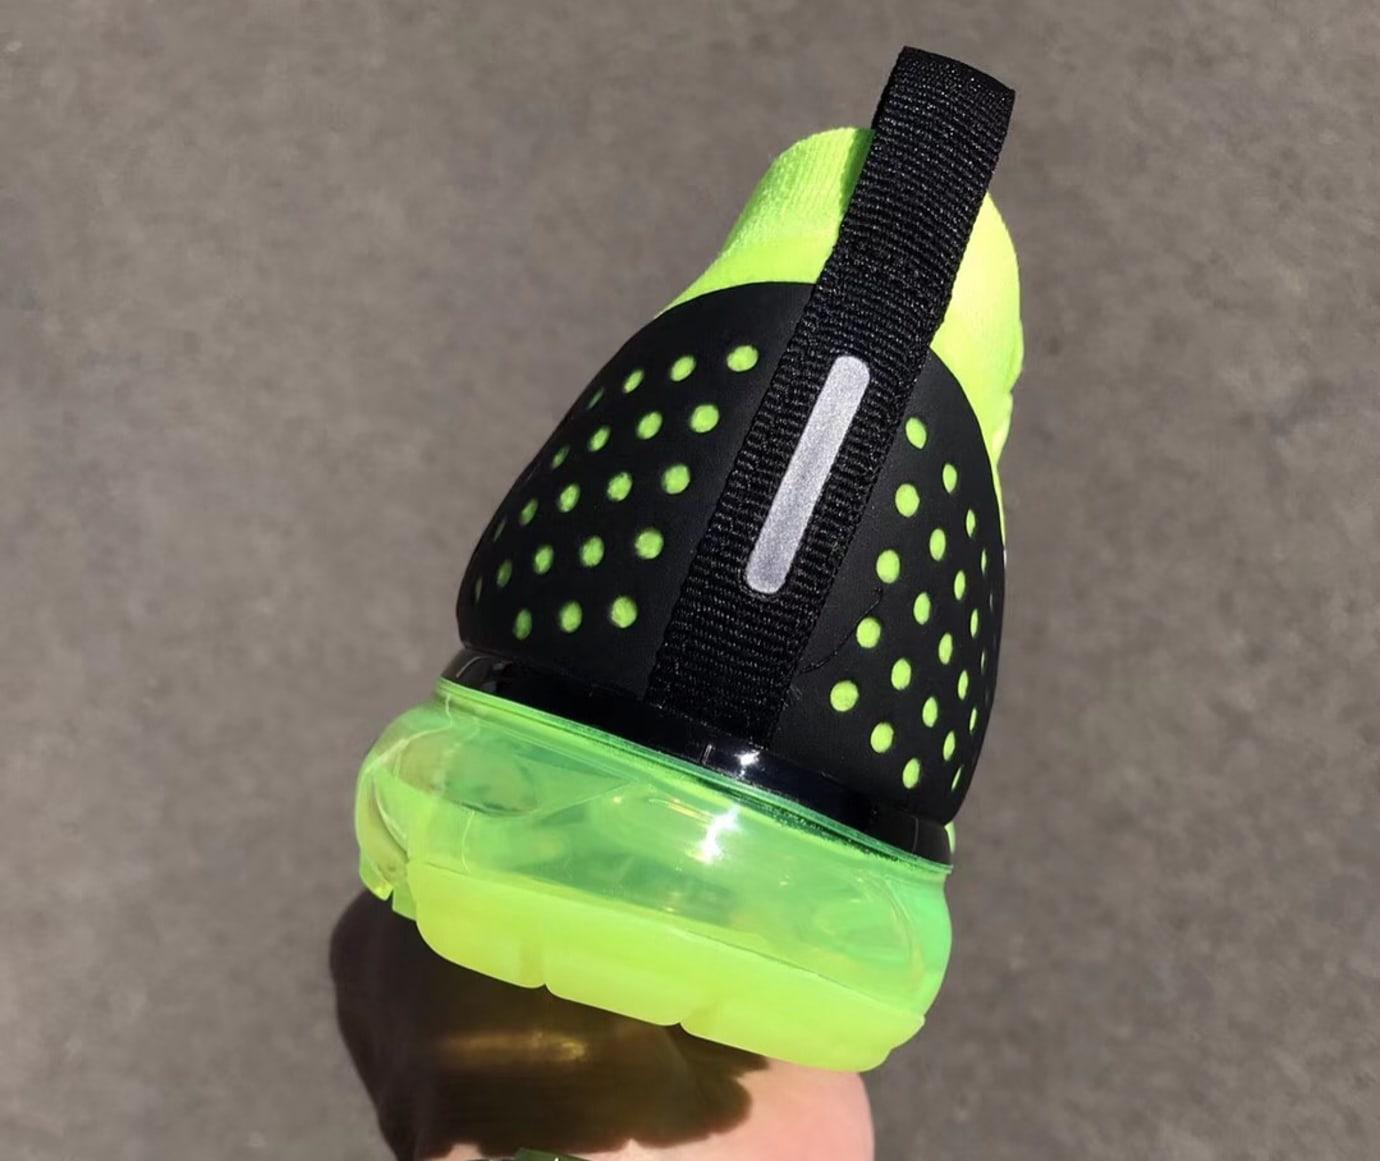 Nike Air VaporMax 2 Flyknit Volt Release Date 942842-700 (9)